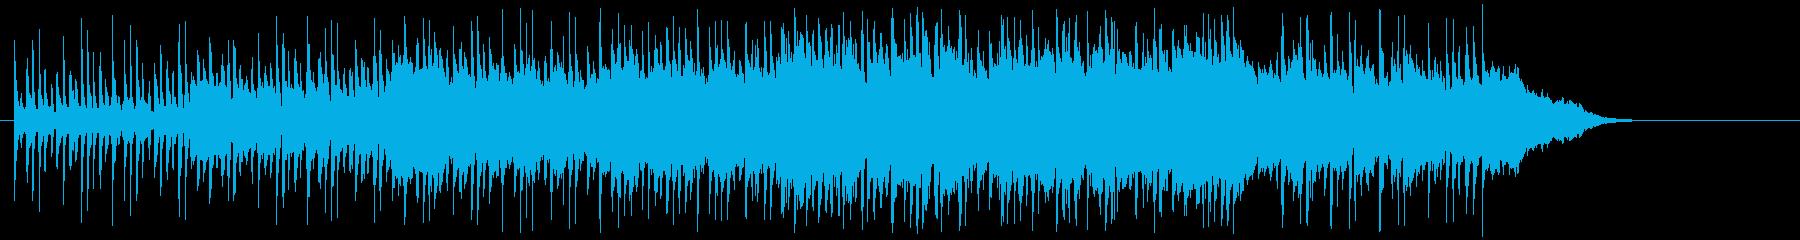 楽しい昼下がりを彩るタイトルB.G.M.の再生済みの波形